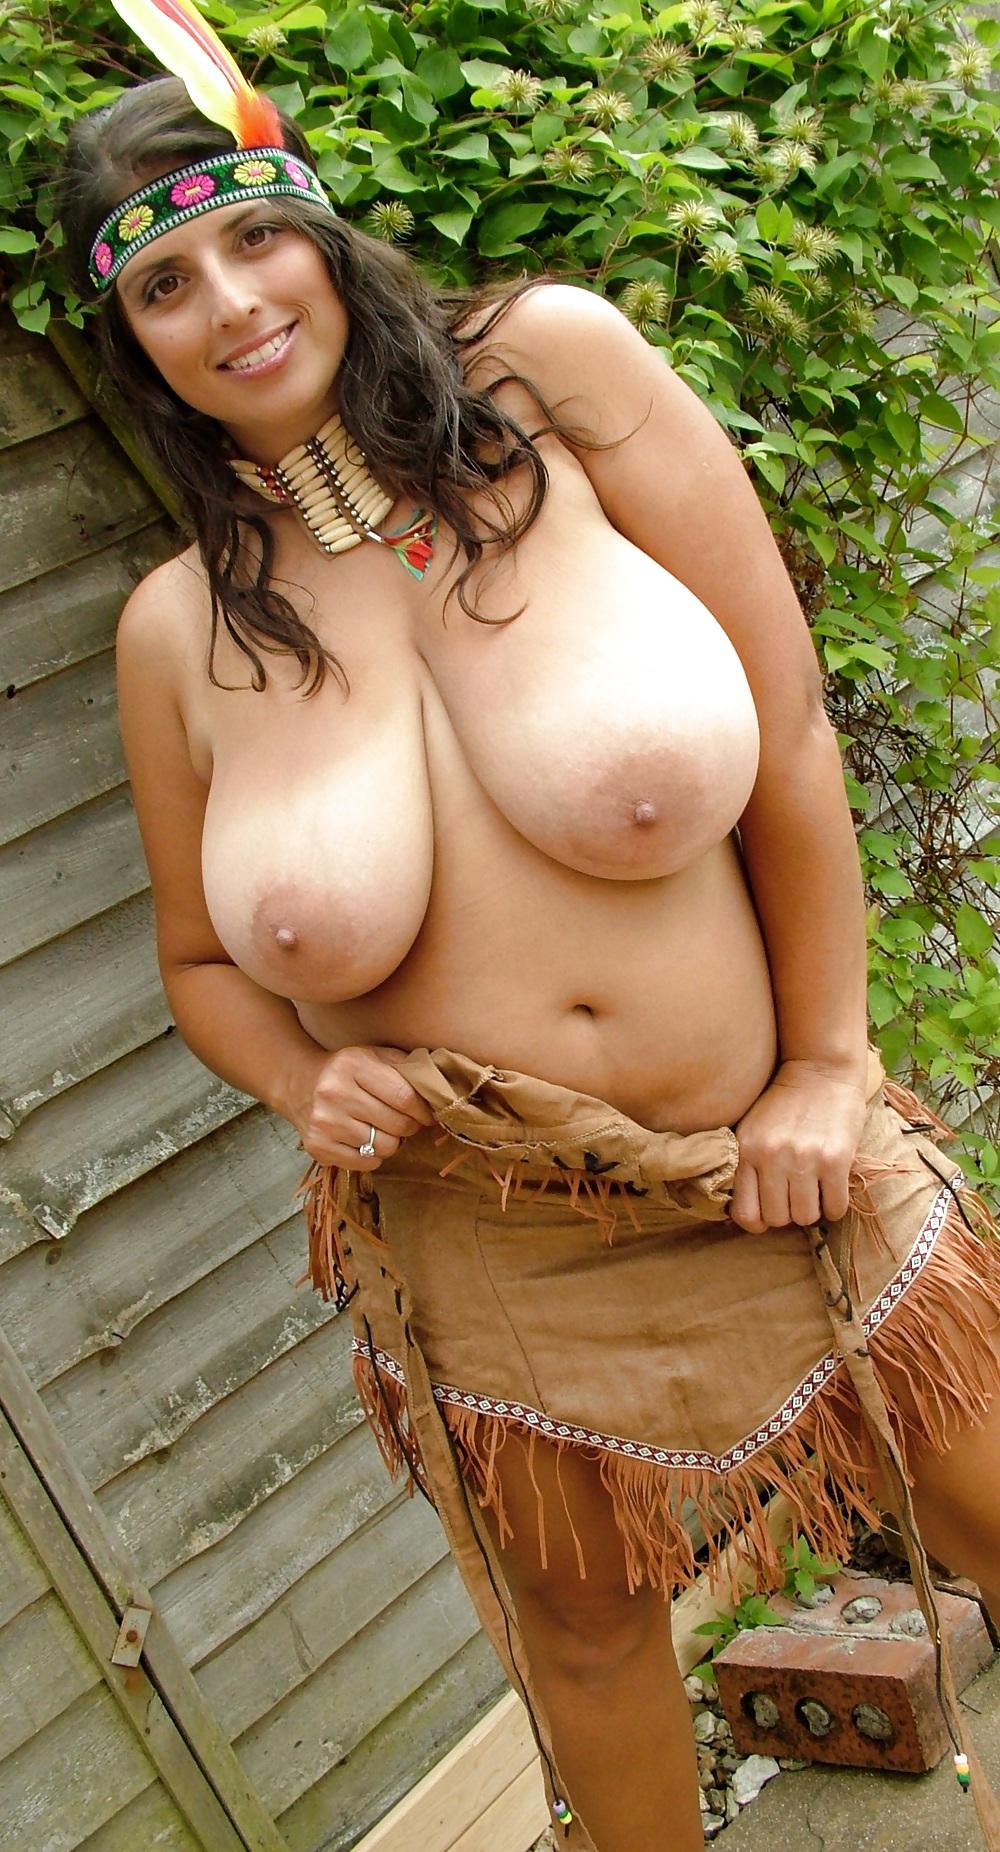 нашем огромные сиськи индийской девушки в национальном костюме лишь одно